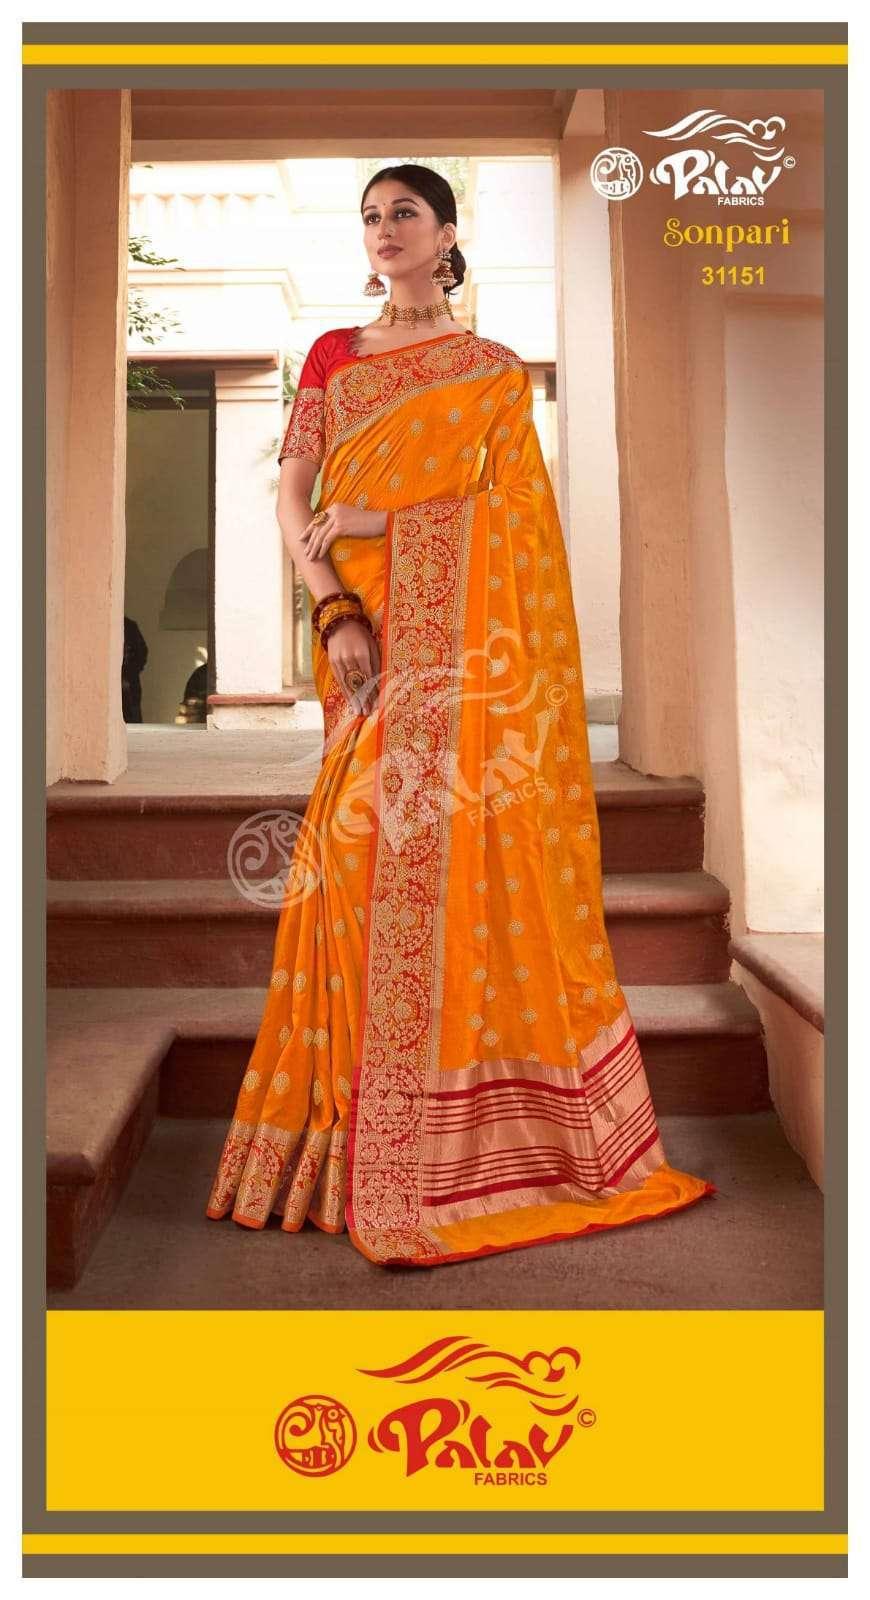 Palav Fabrics Sonpari Silk Traditional Sarees Collection 03